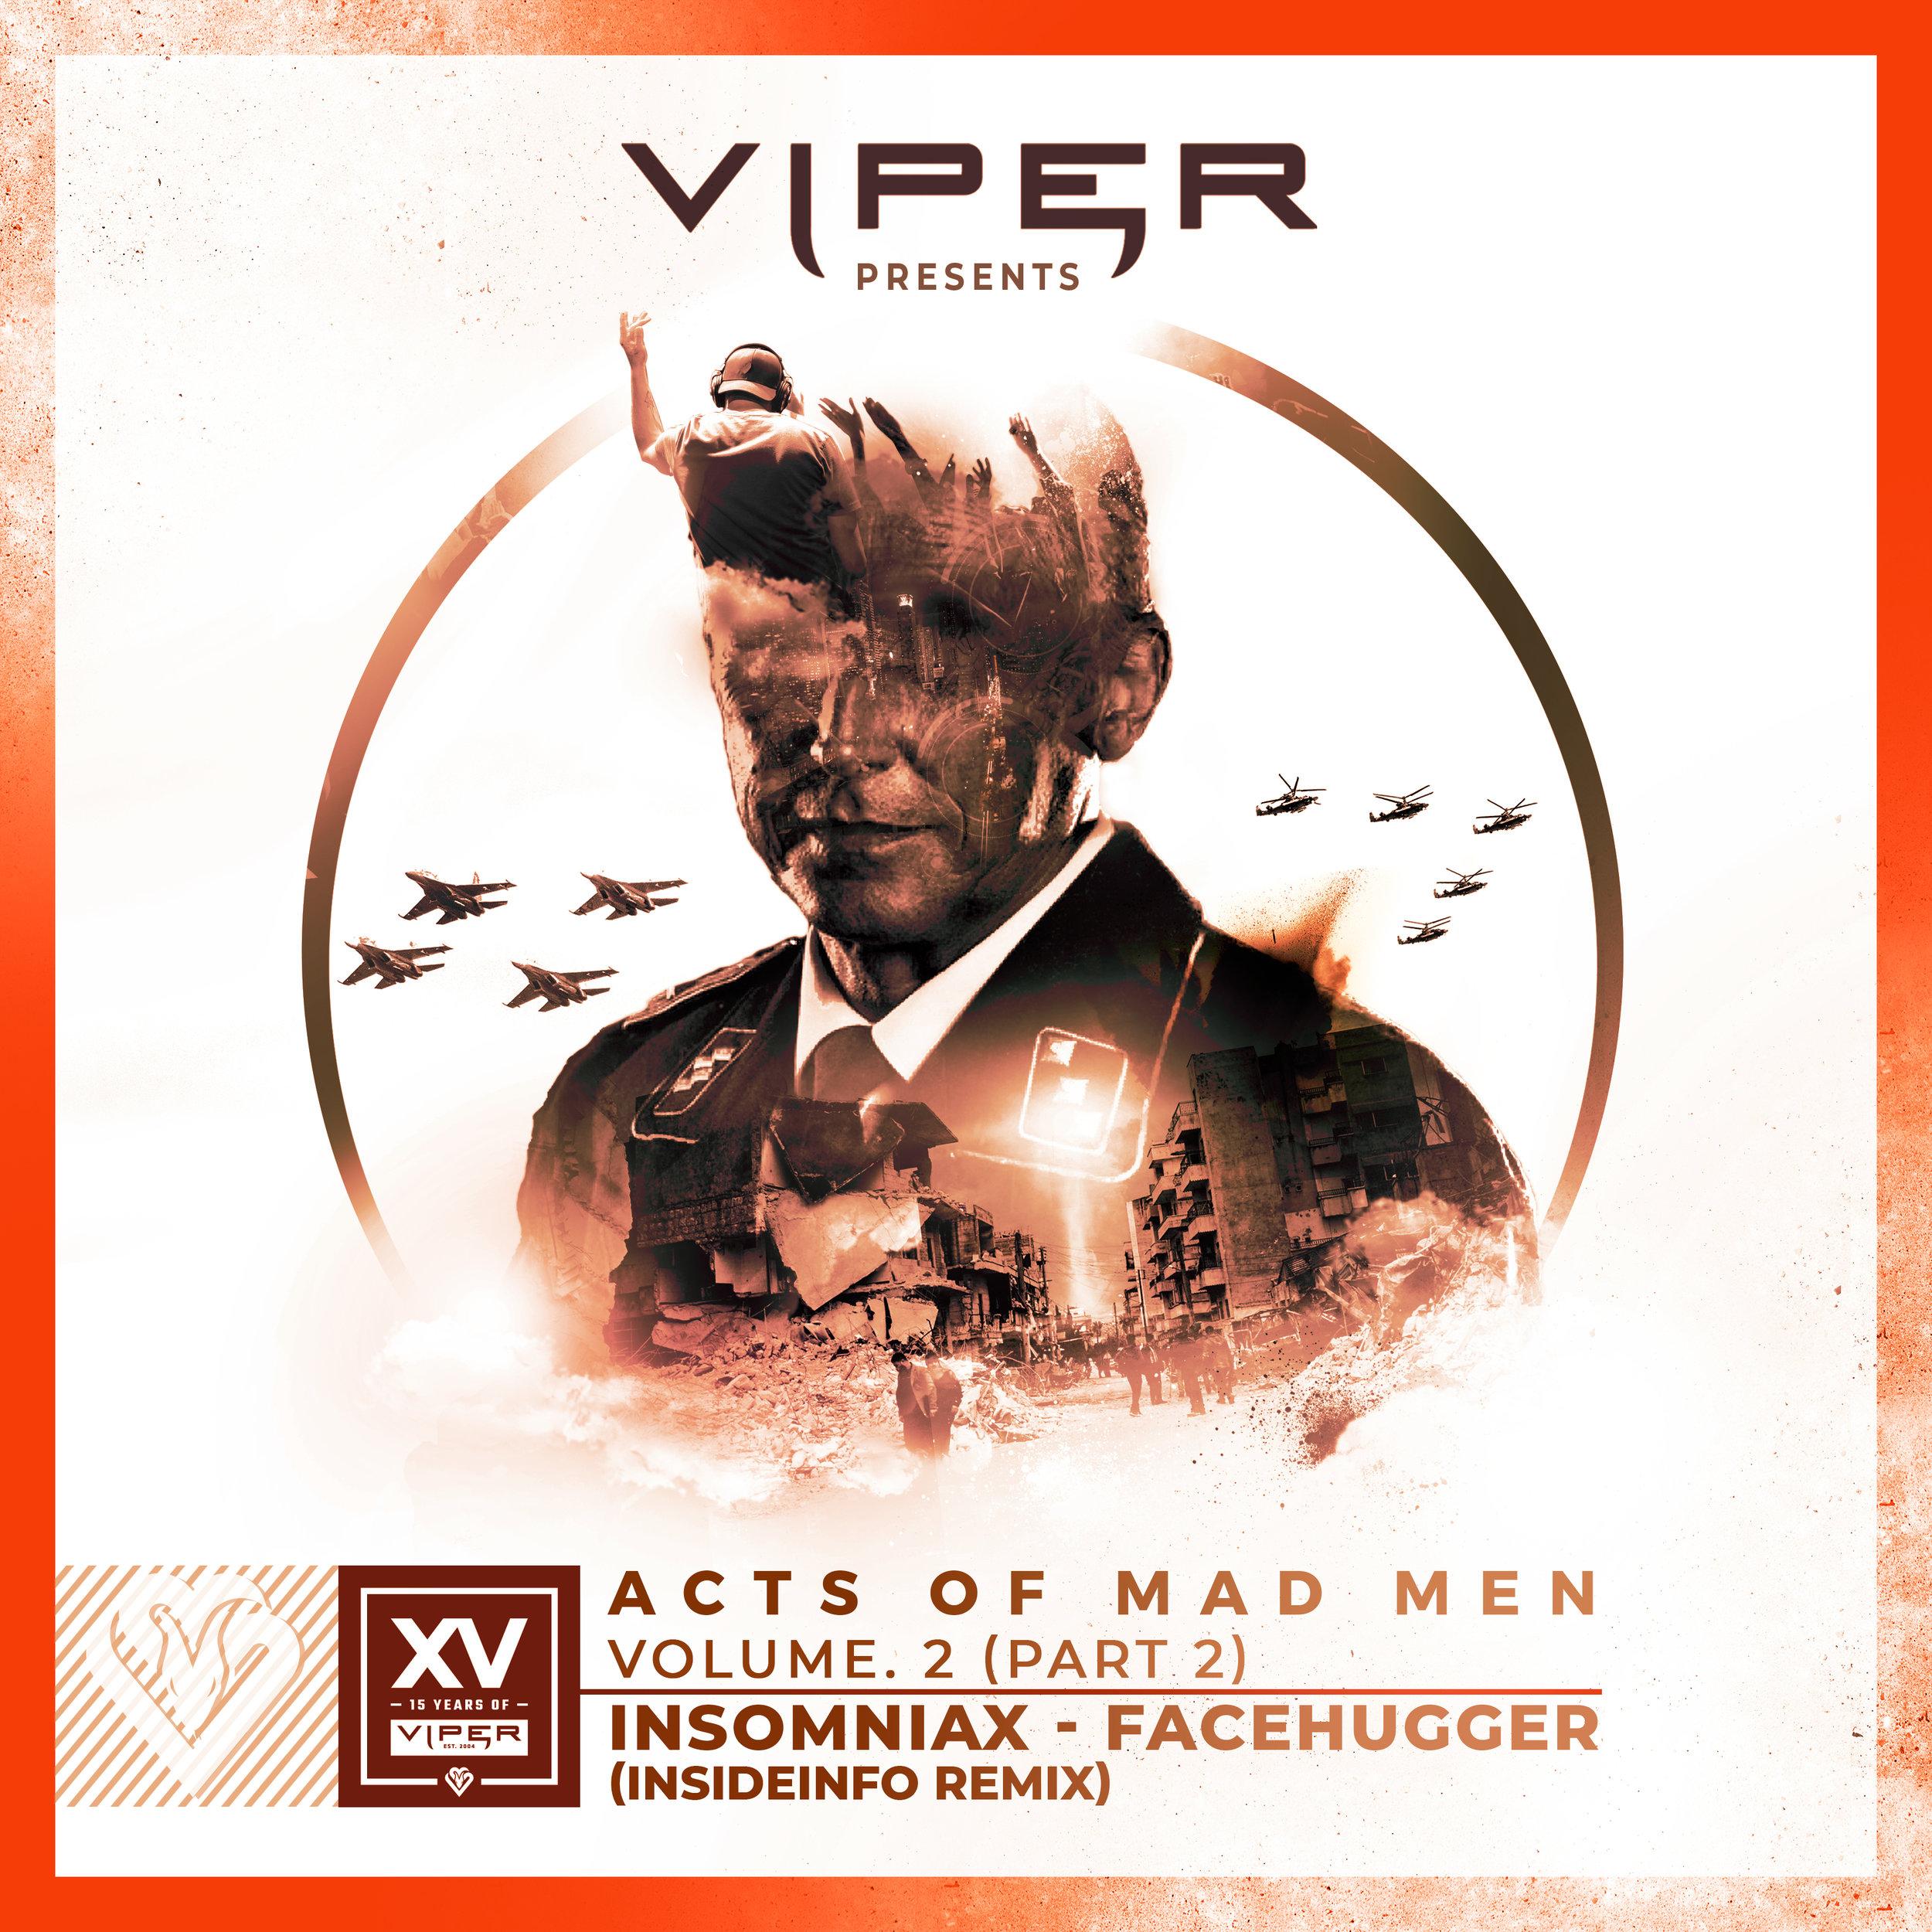 Insomniax - Facehugger (Insideinfo Remix)